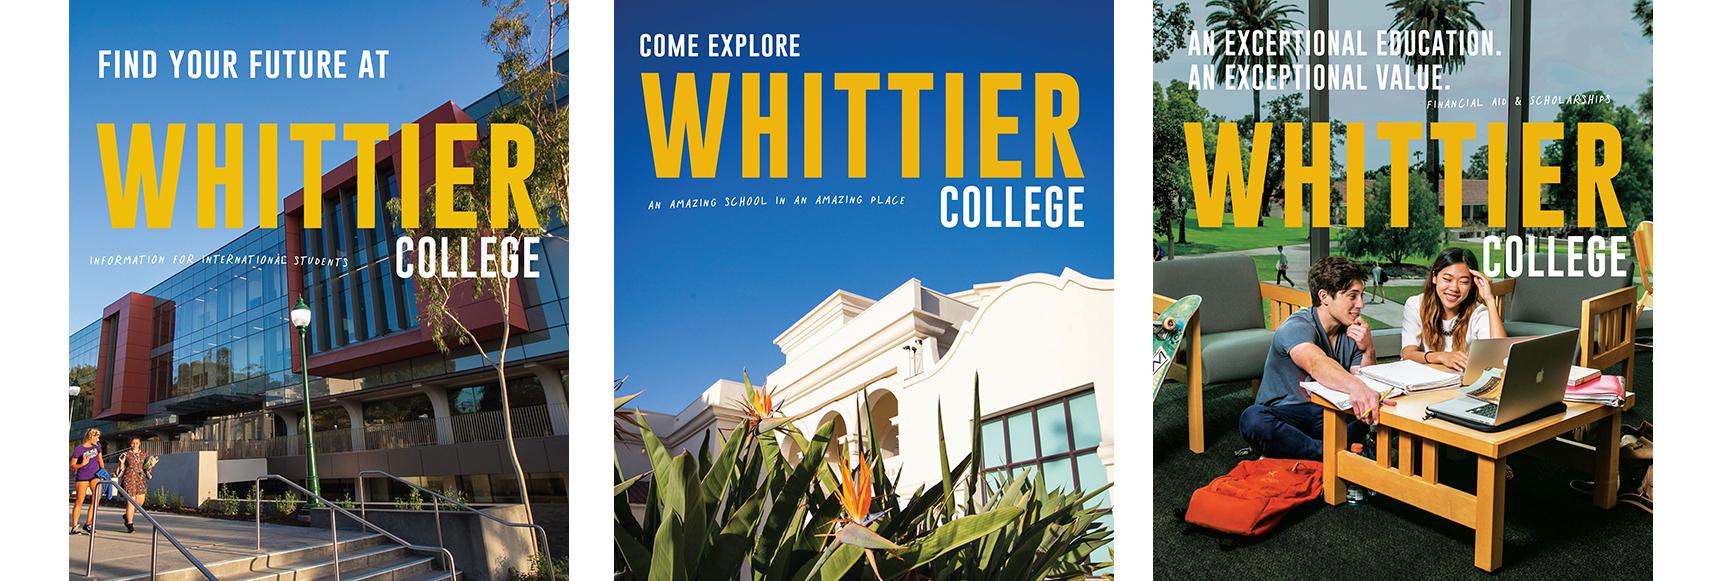 Kelsh-Wilson_Whittier-Covers.jpg